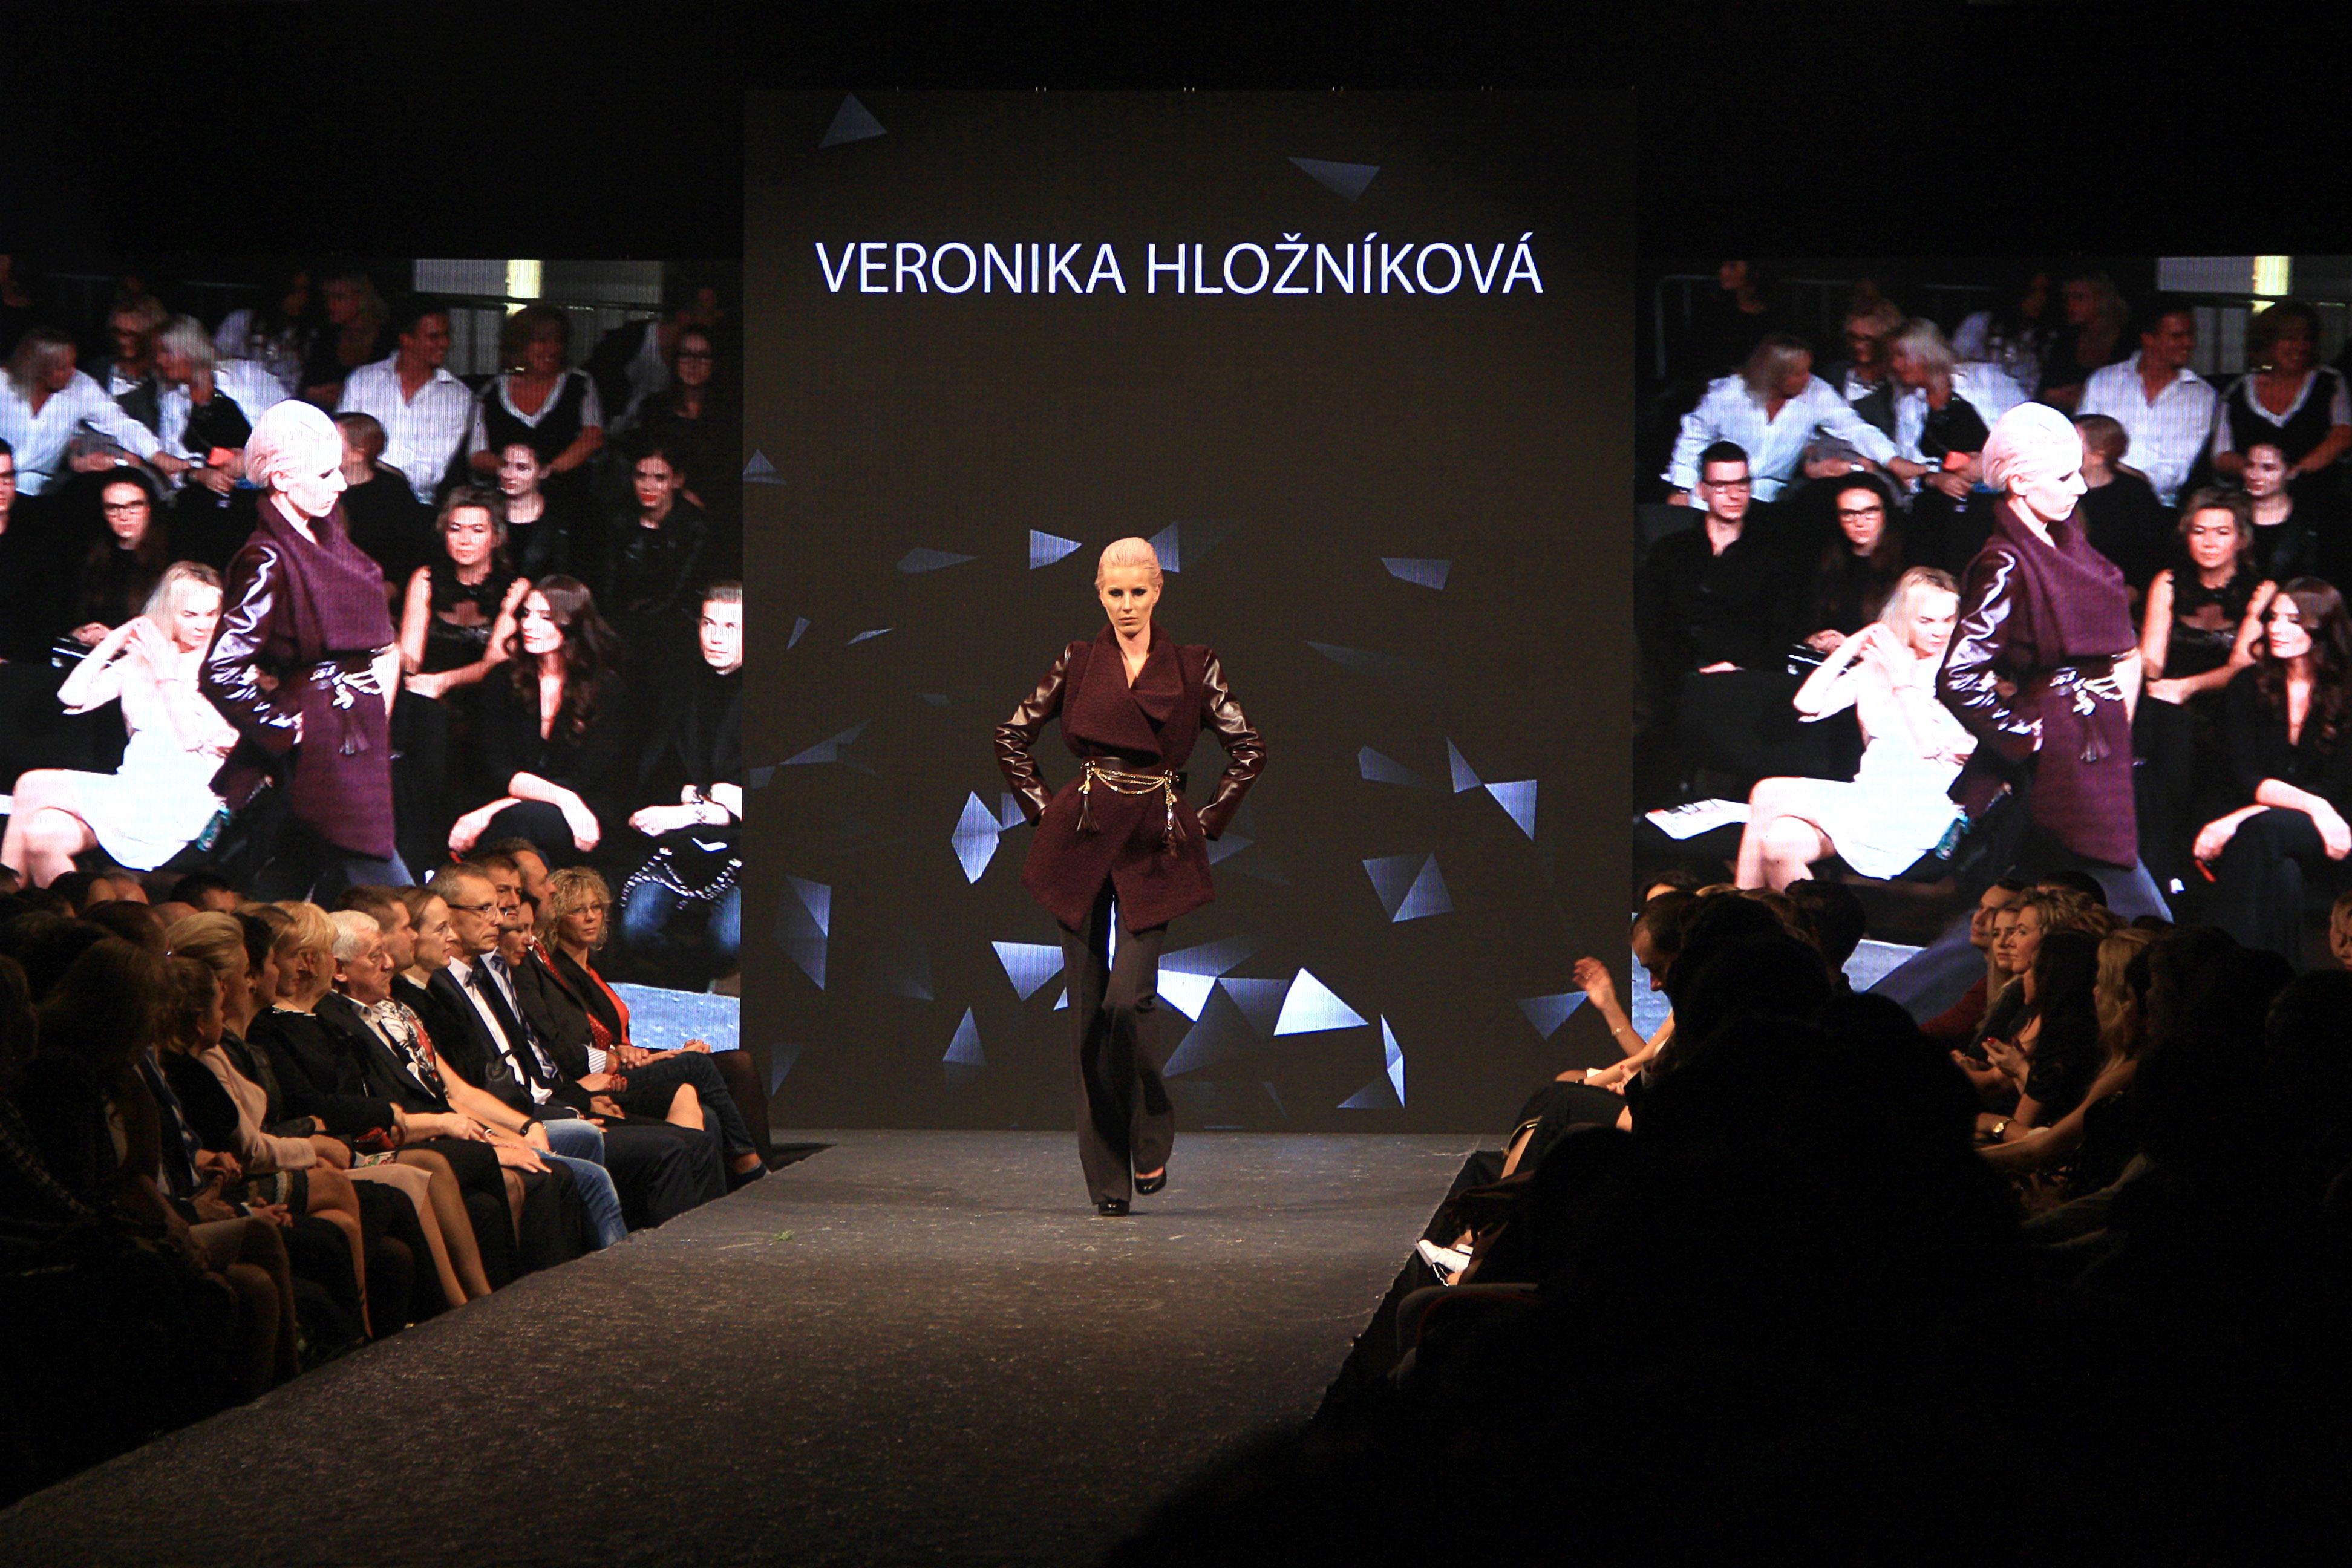 Kolekcia Veroniky Hložníkovej